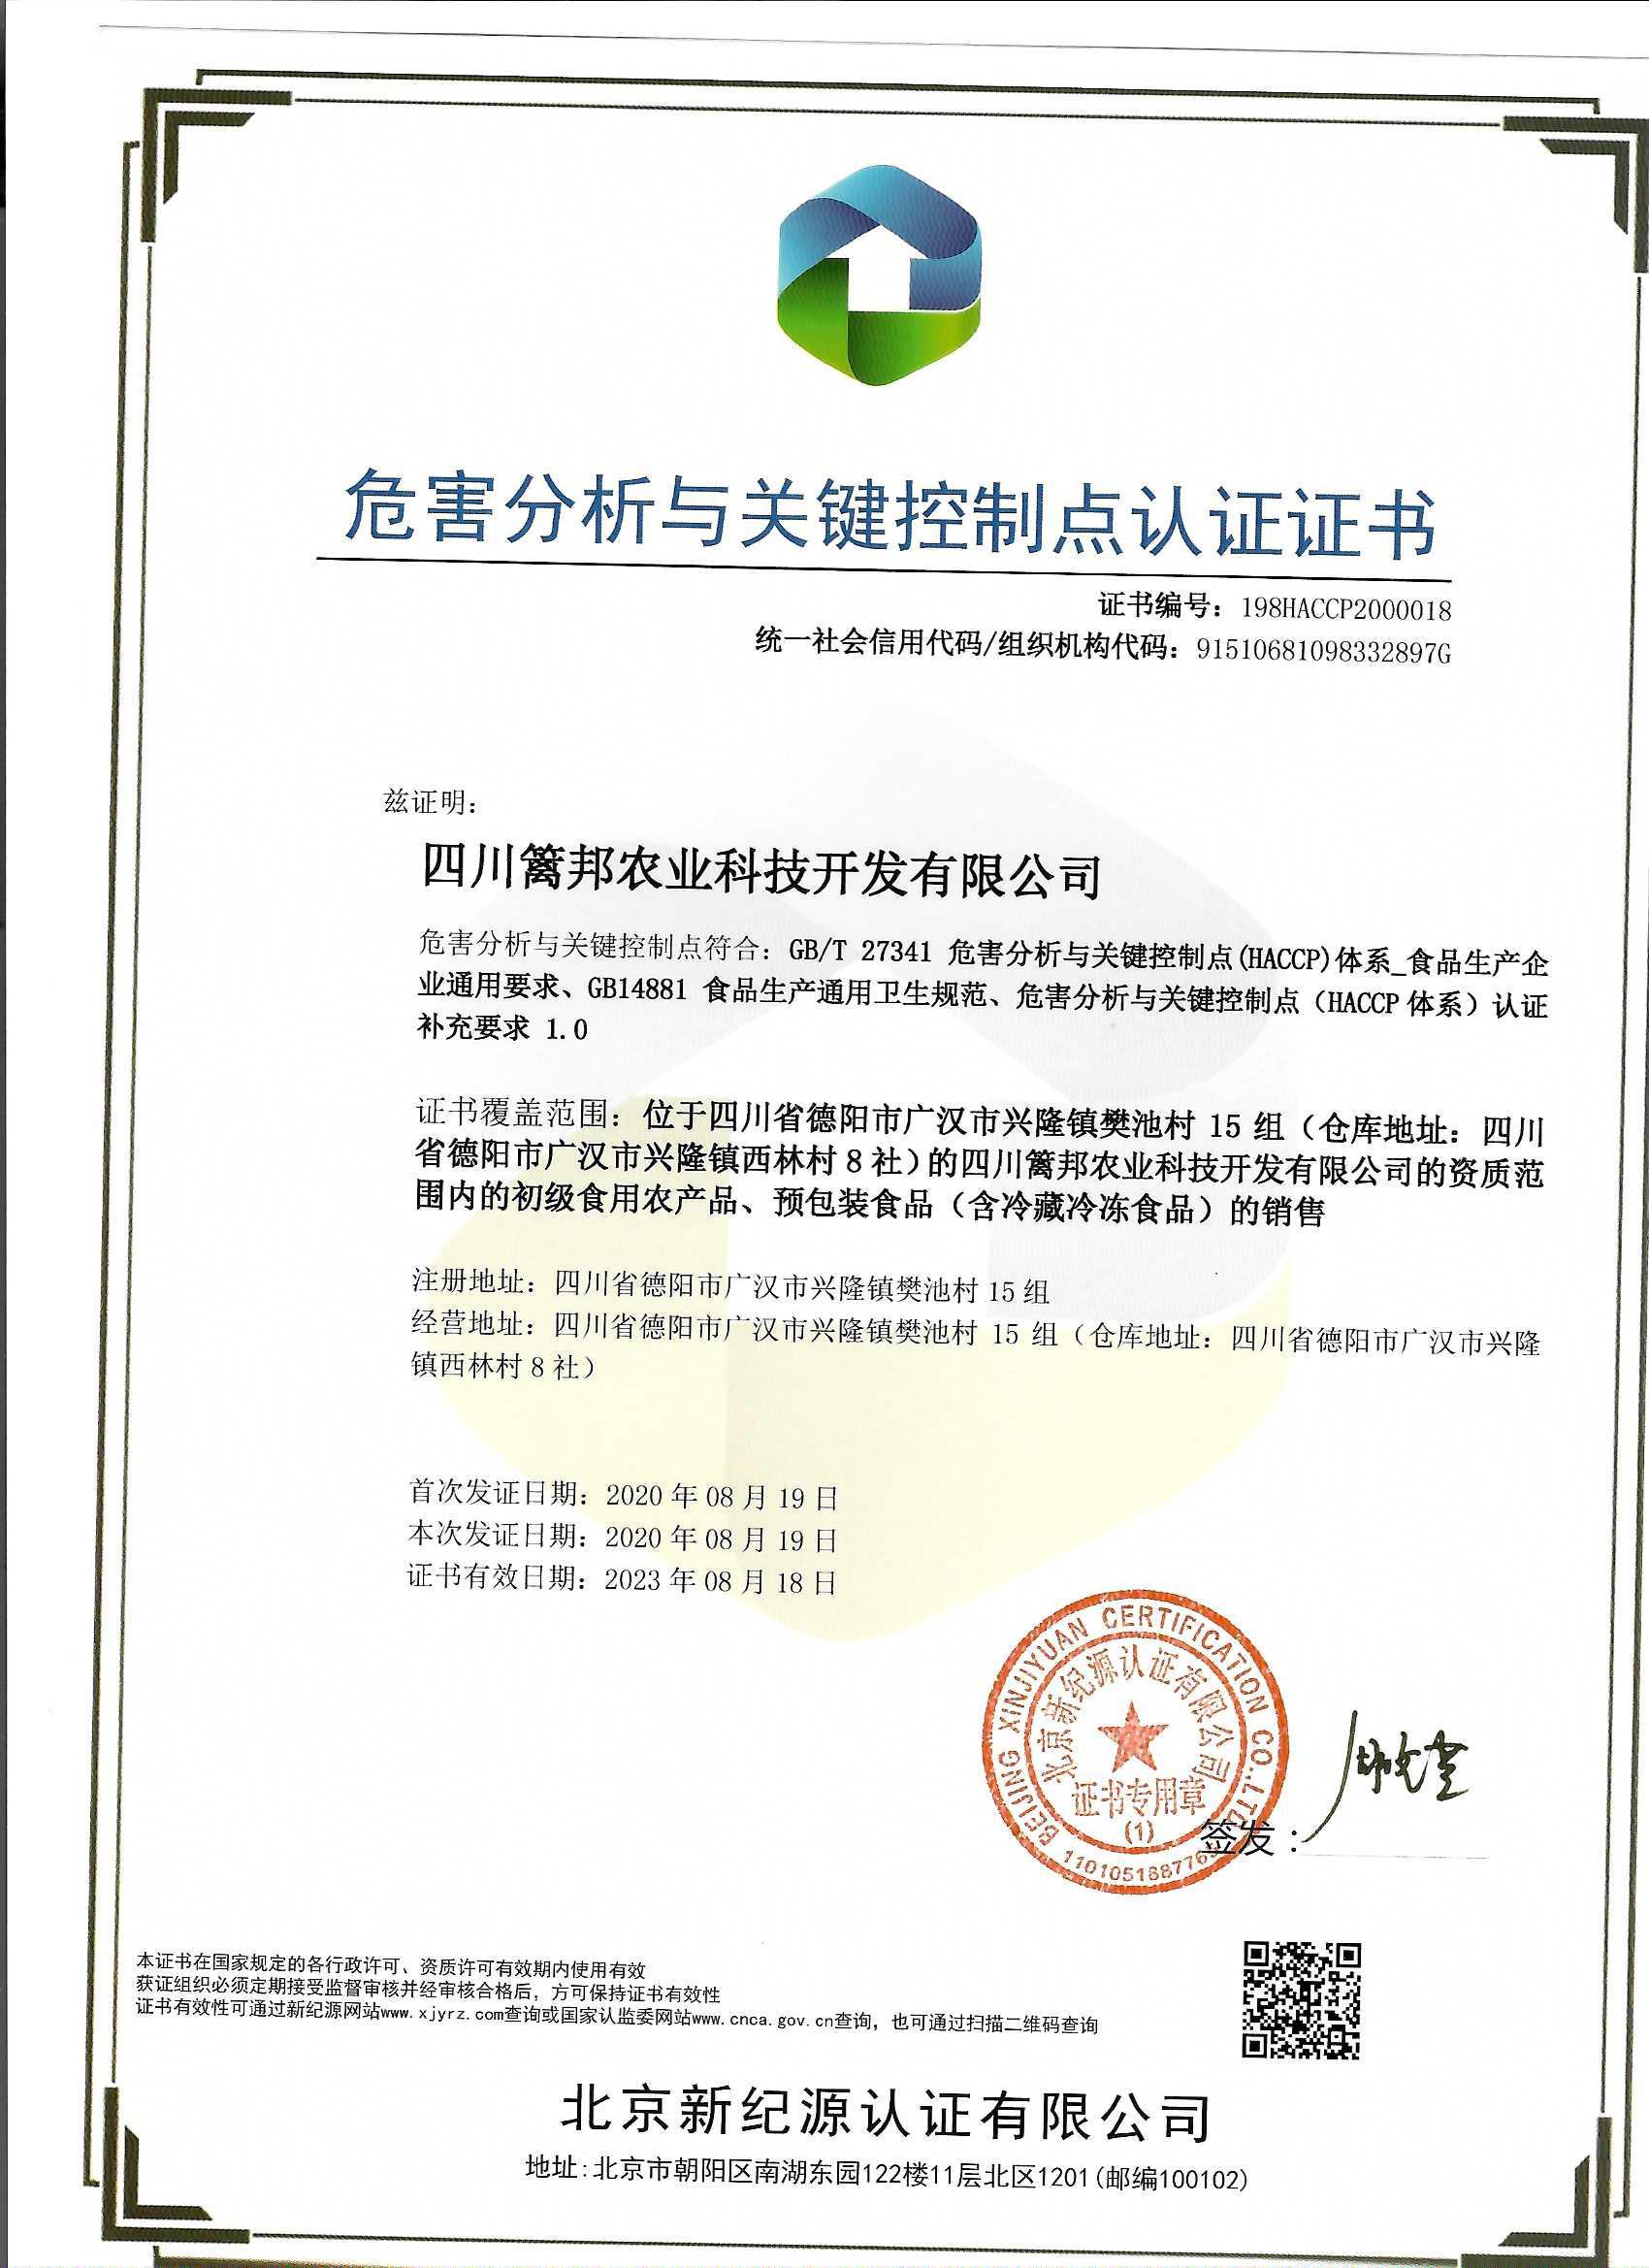 危害分析与关键控制点认证证书